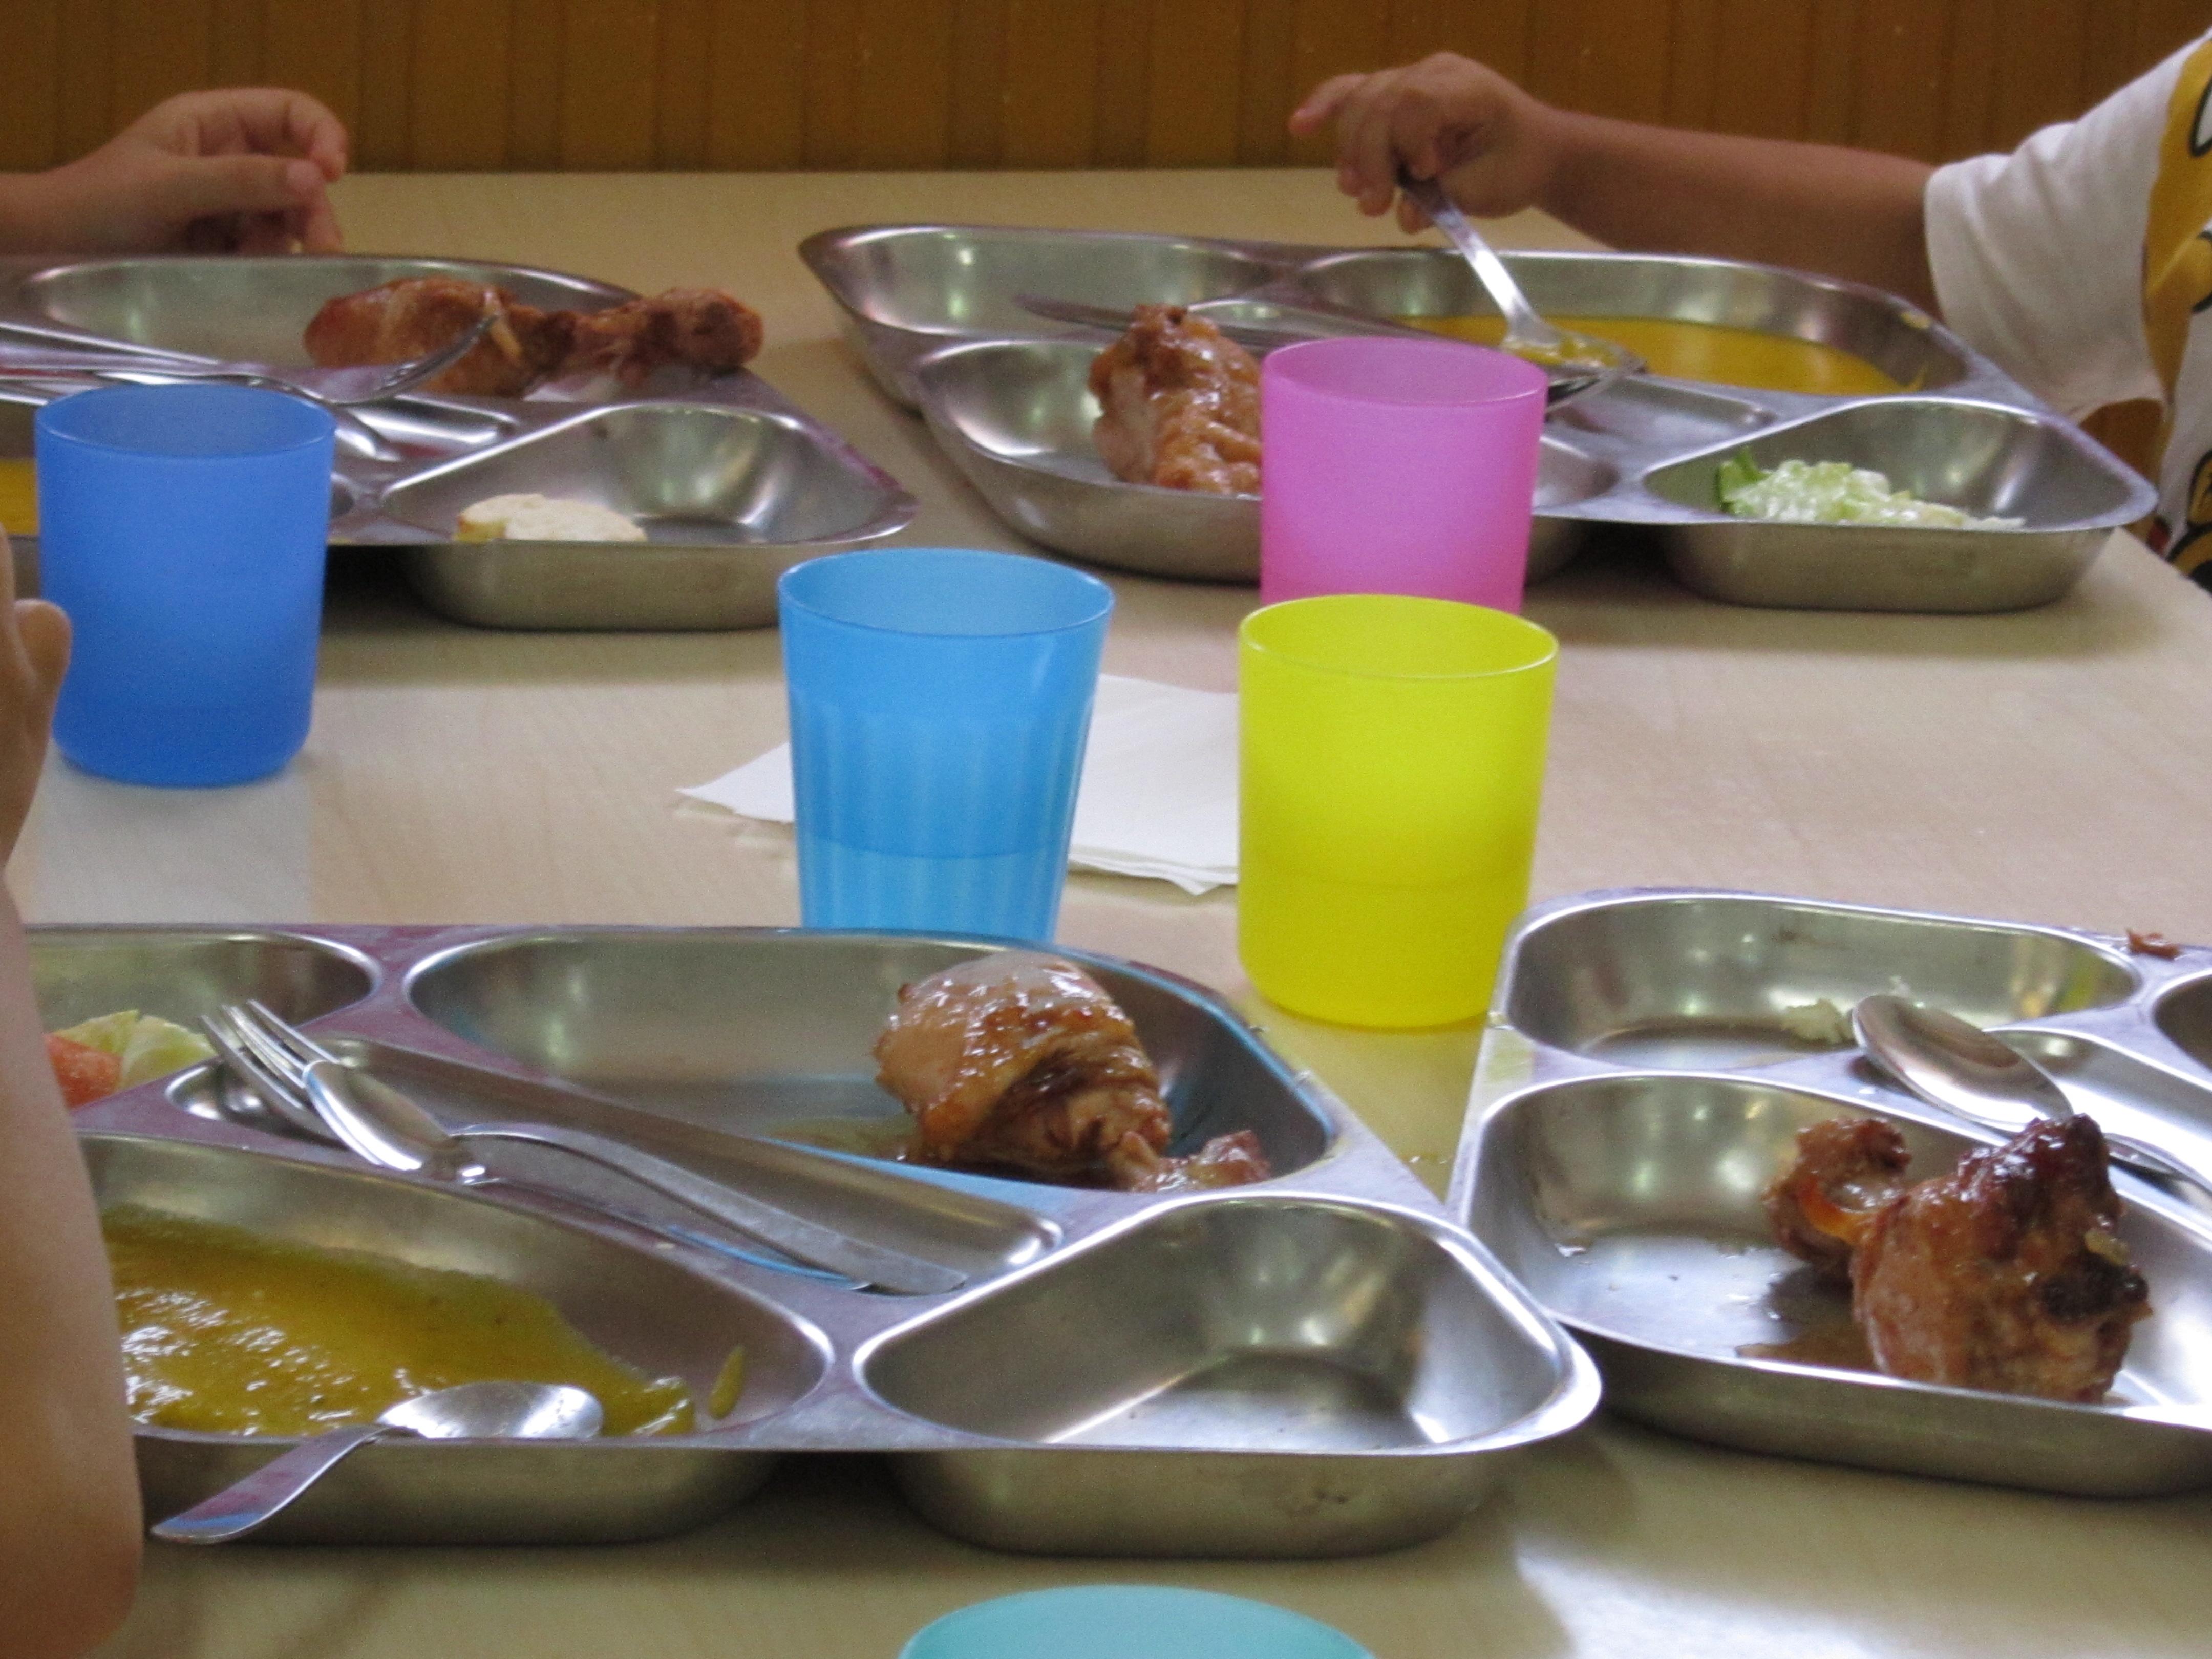 Ayudas alimentación infantil